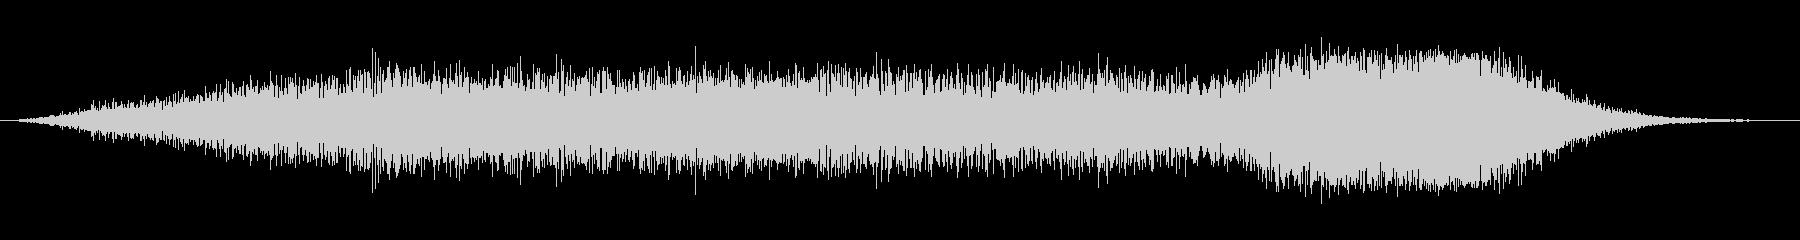 緊張 エアメタルヒス01の未再生の波形